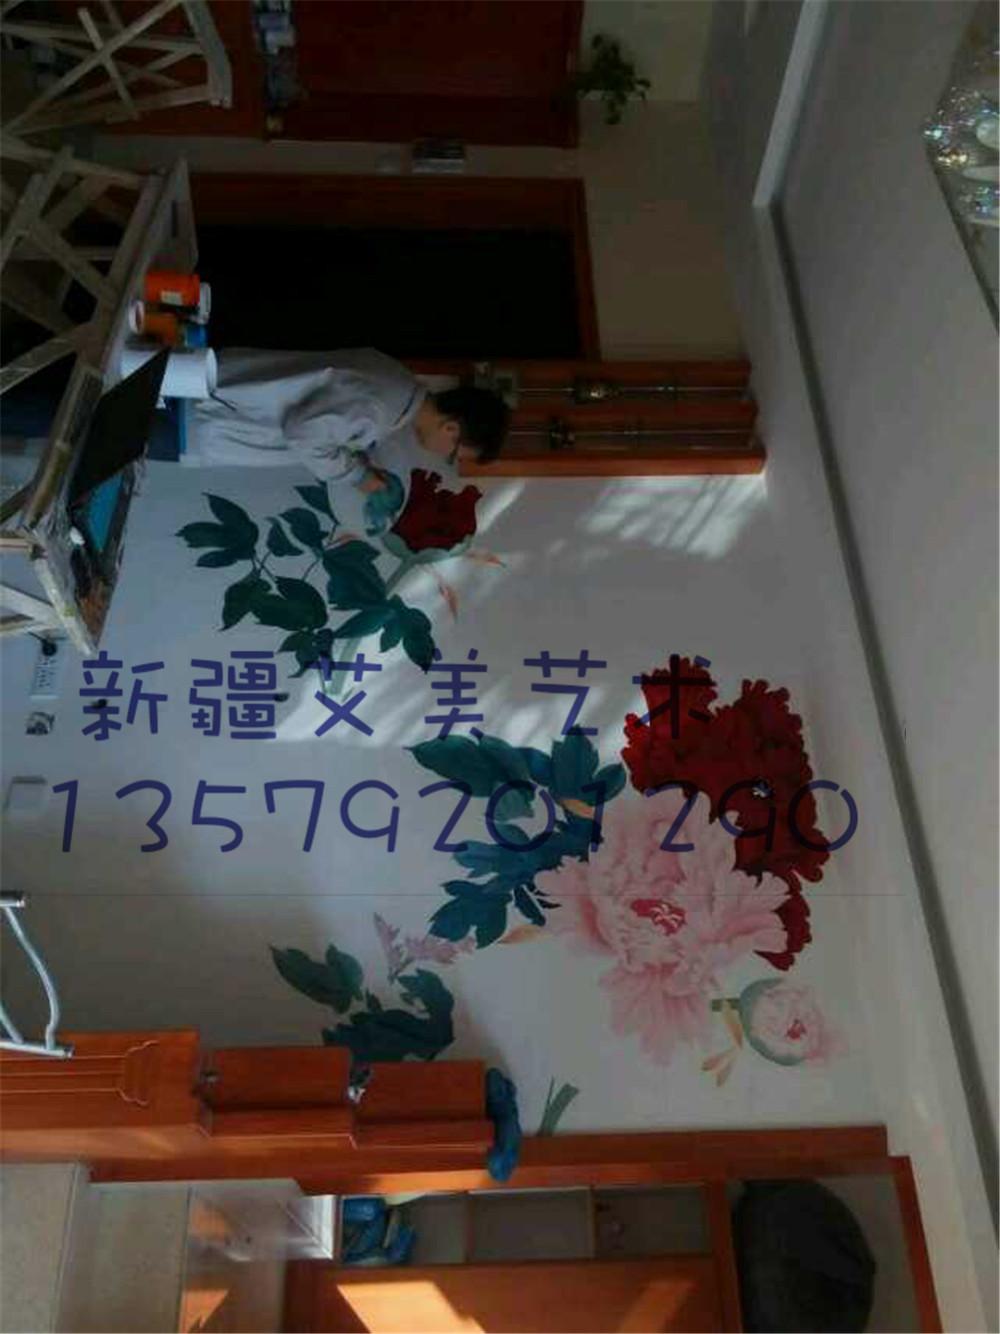 乌鲁木齐墙绘【新疆艾美艺术】乌鲁木齐手绘-乌鲁木齐